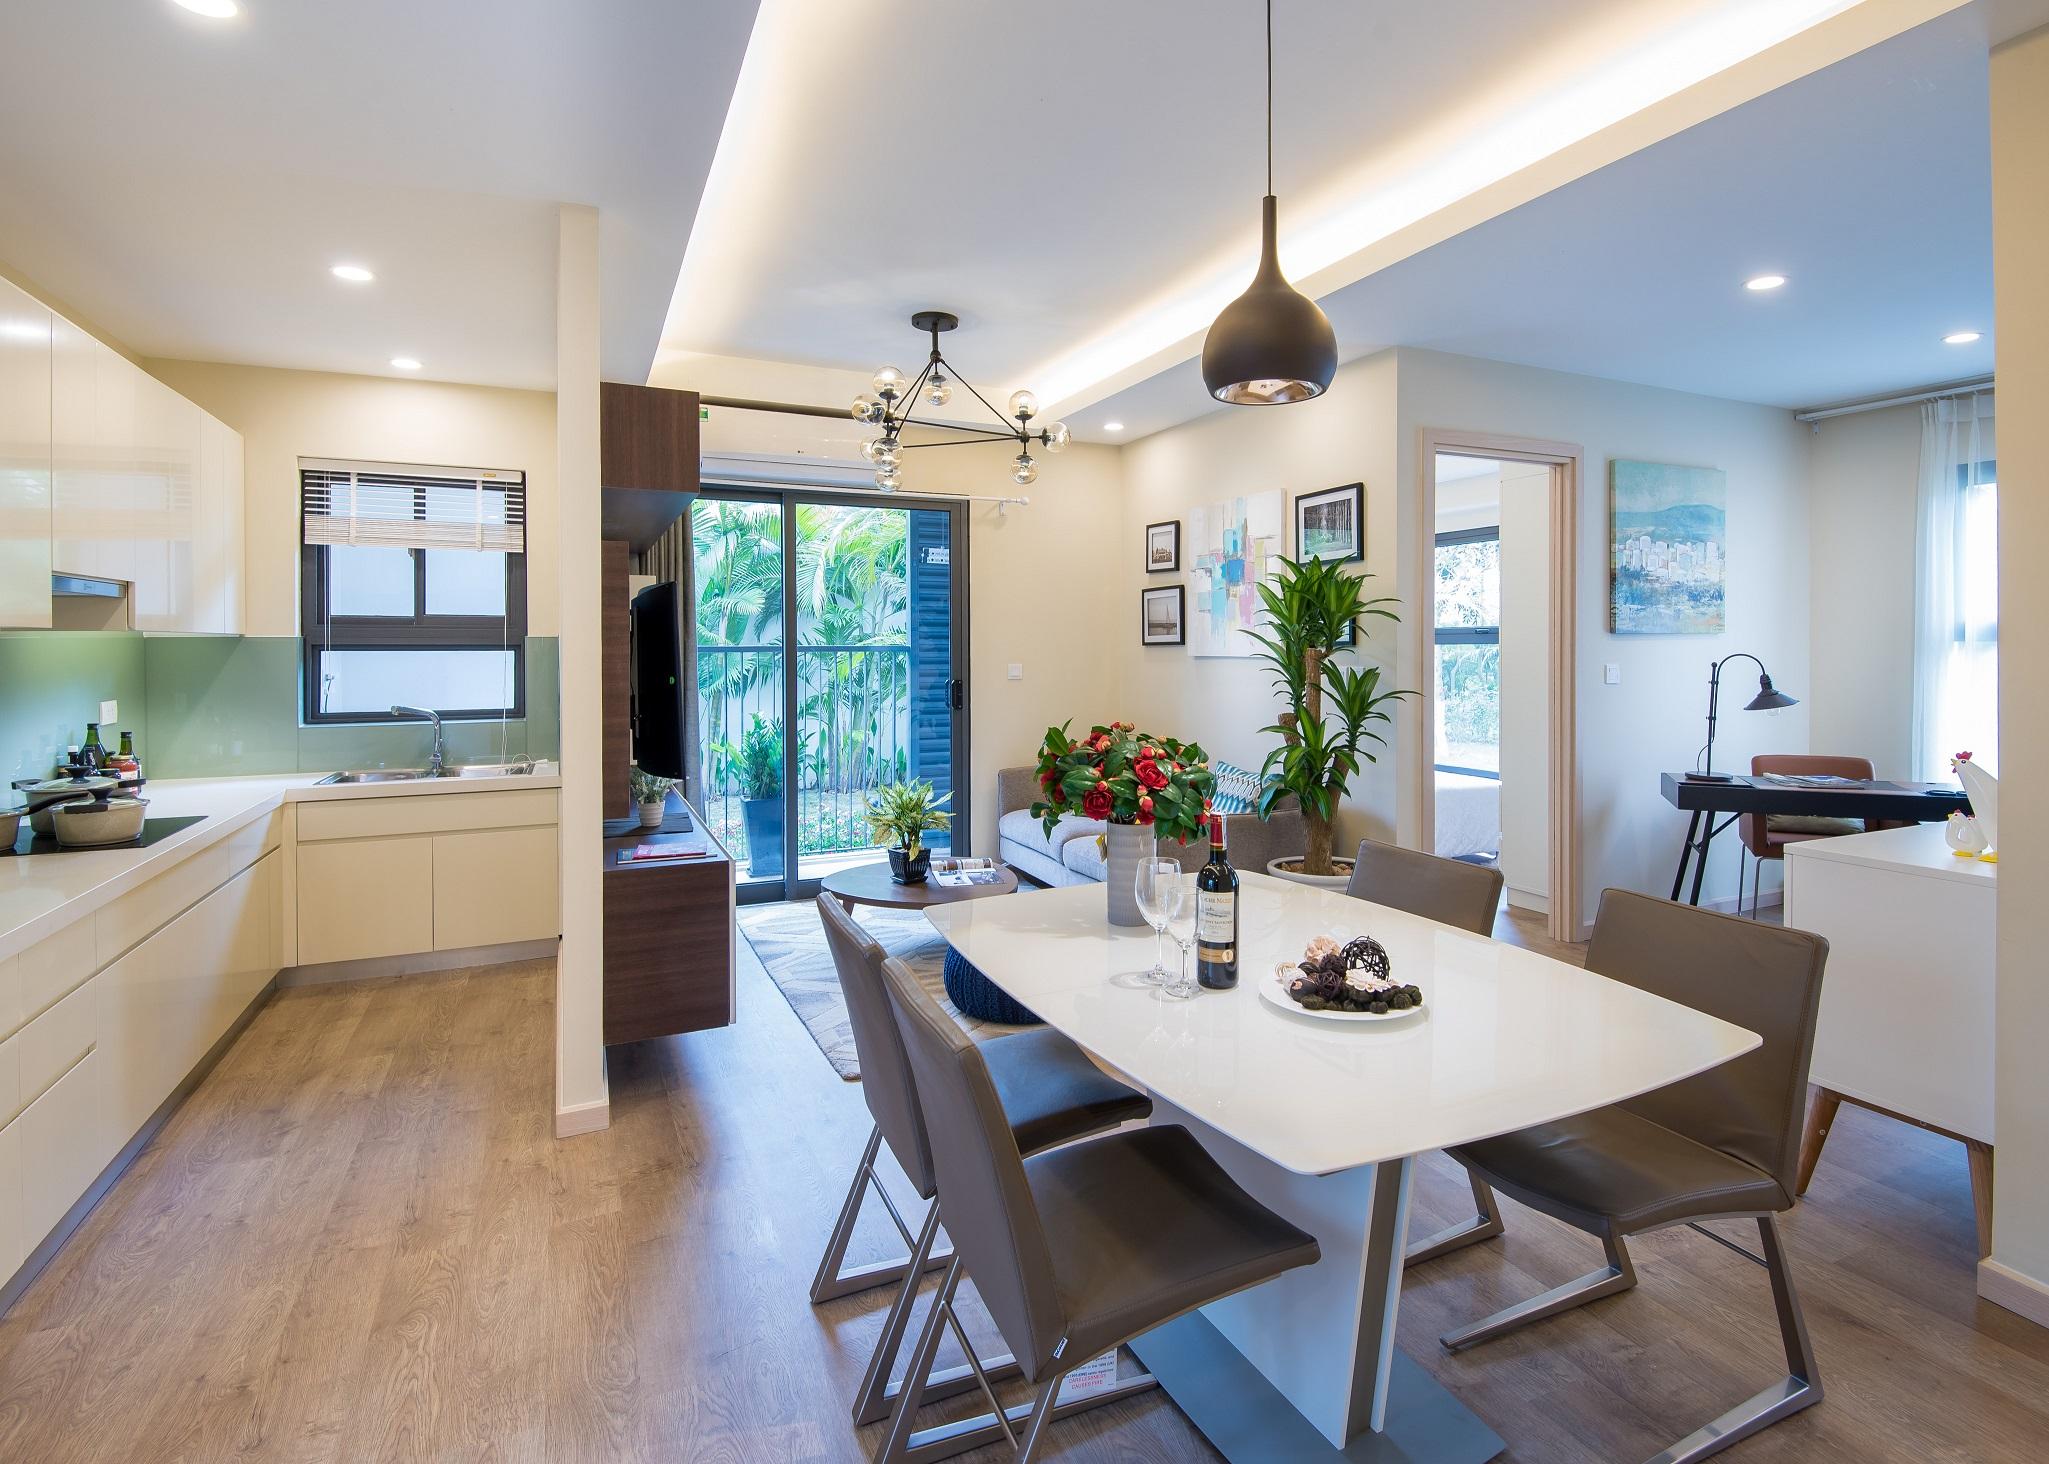 Căn hộ siêu nhỏ đầy đủ tiện nghi, trào lưu mới của thị trường địa ốc